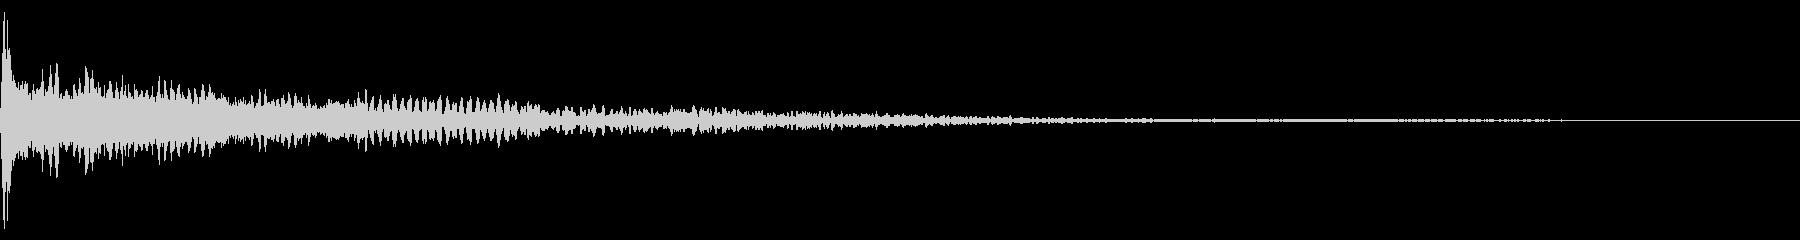 ホラー系アタック音8の未再生の波形